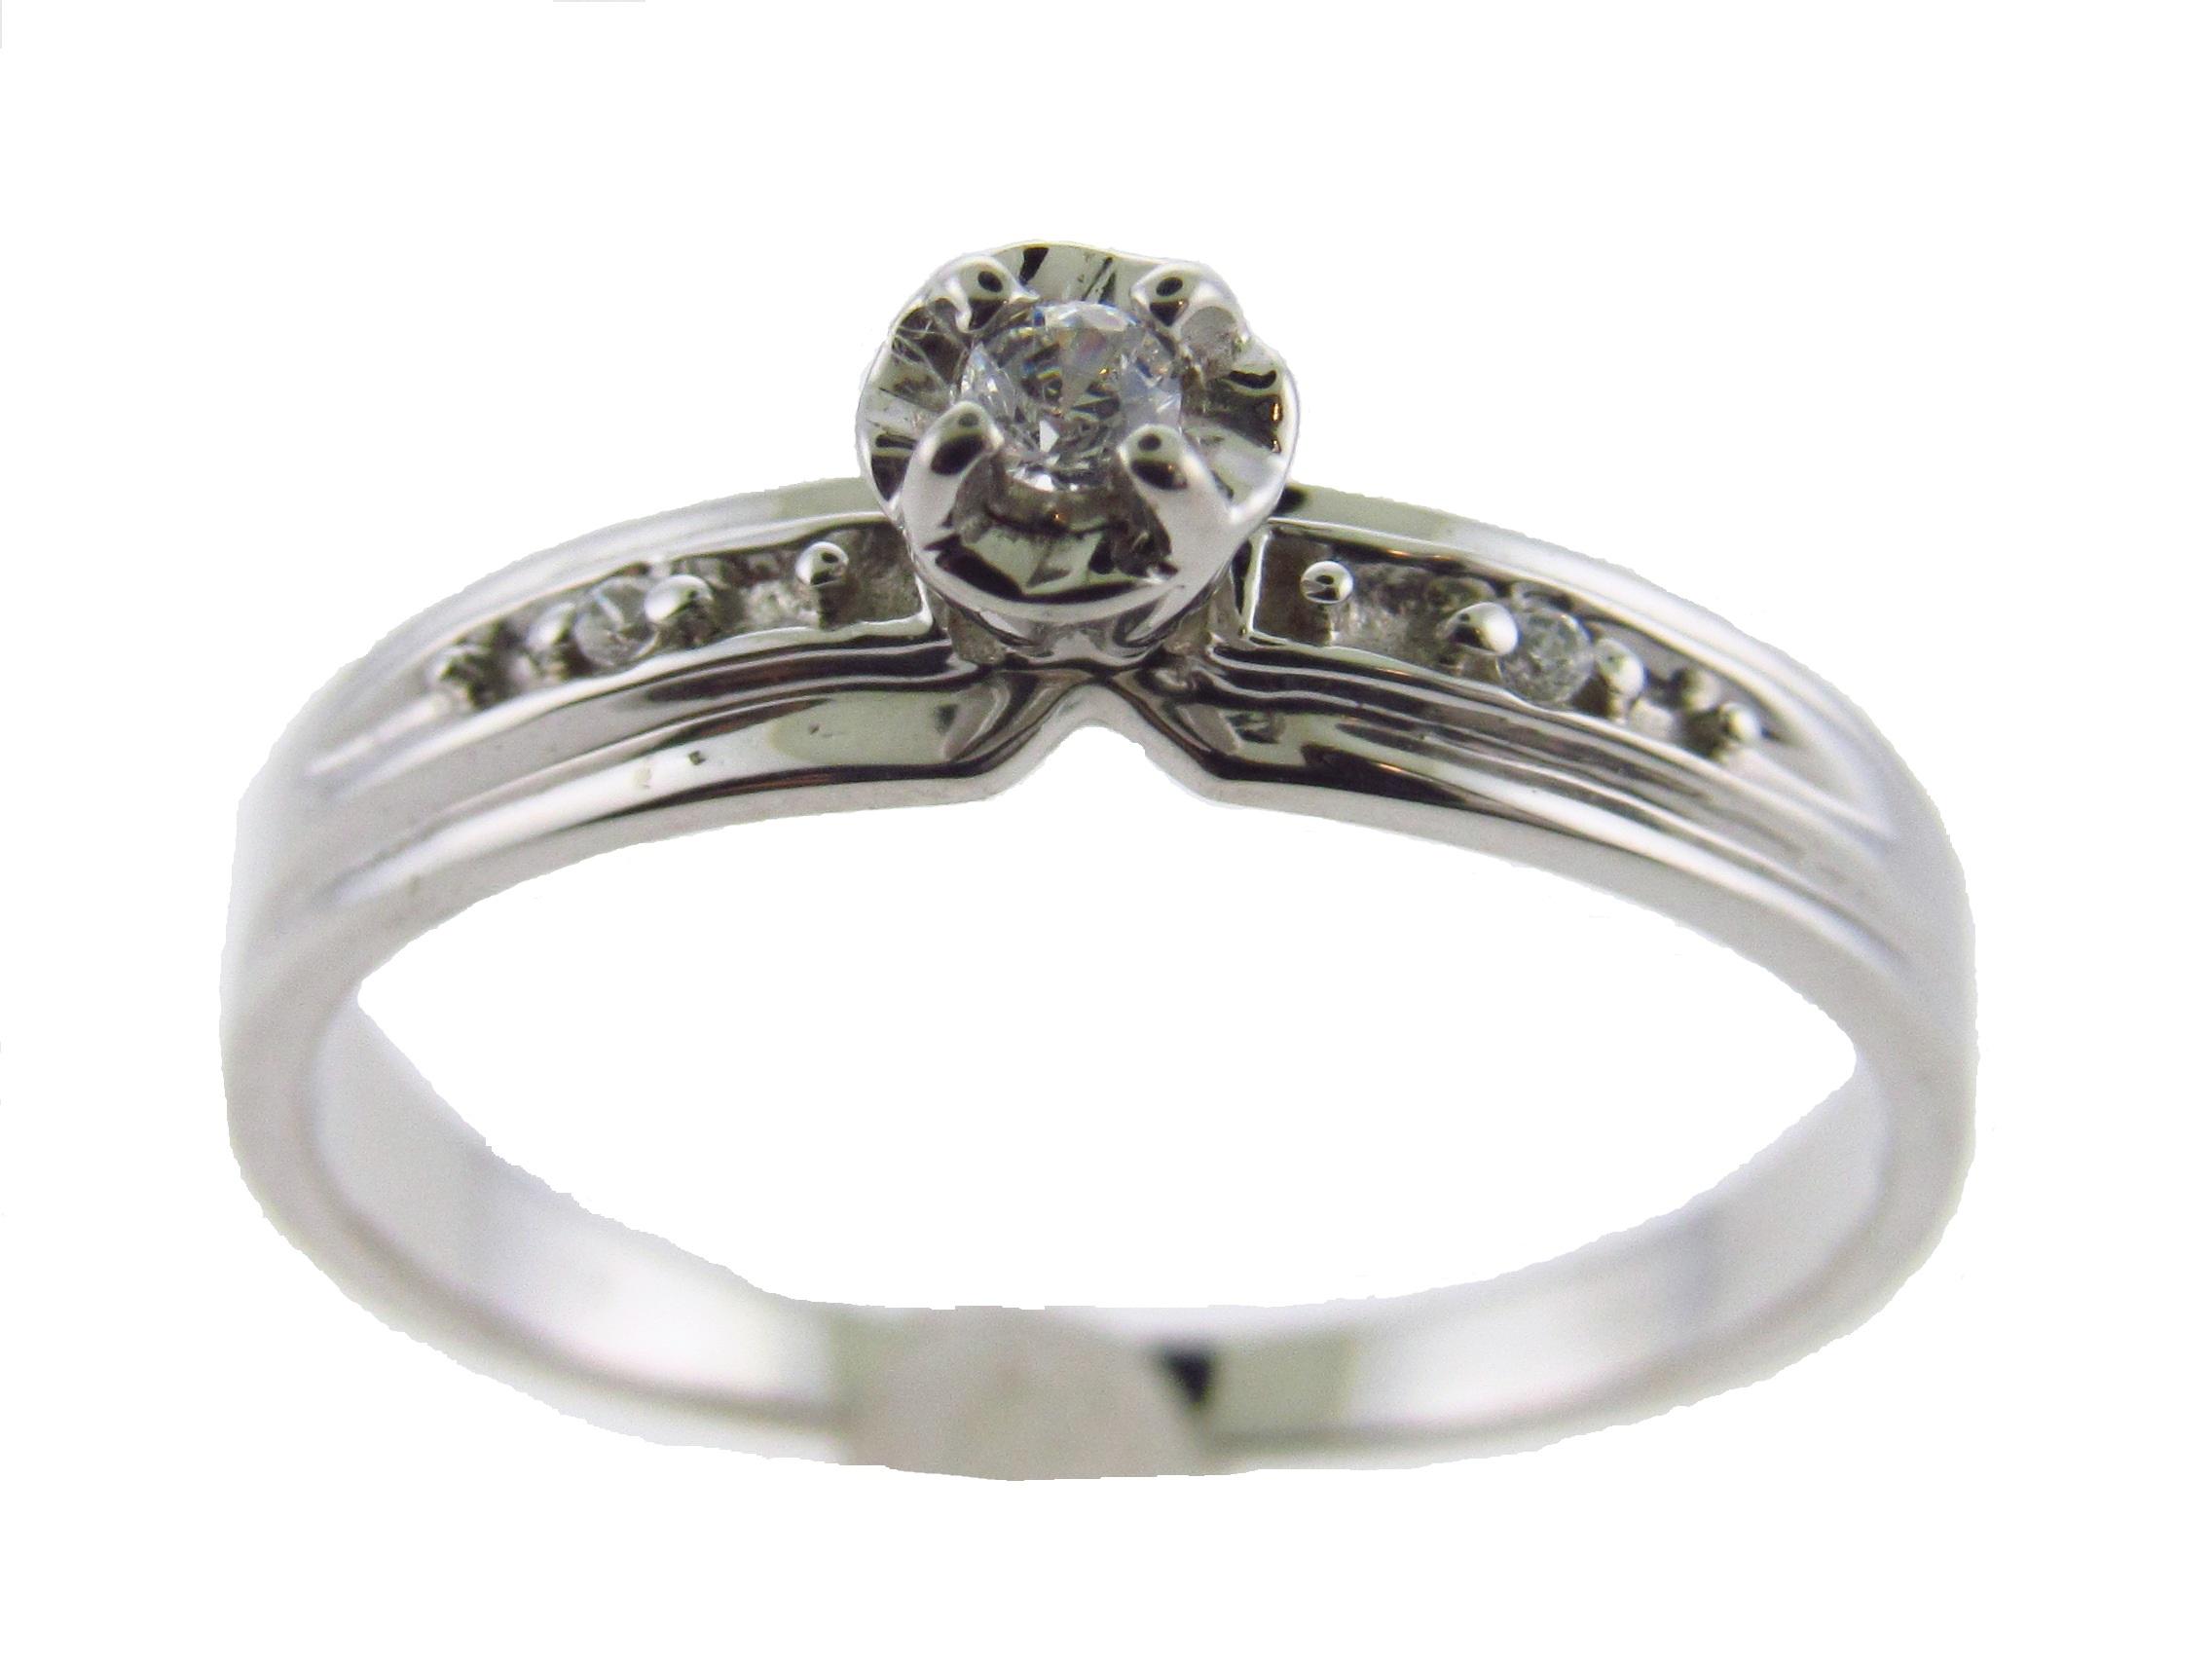 Genuine Diamond Engagement Ring Promise Ring 10kt White